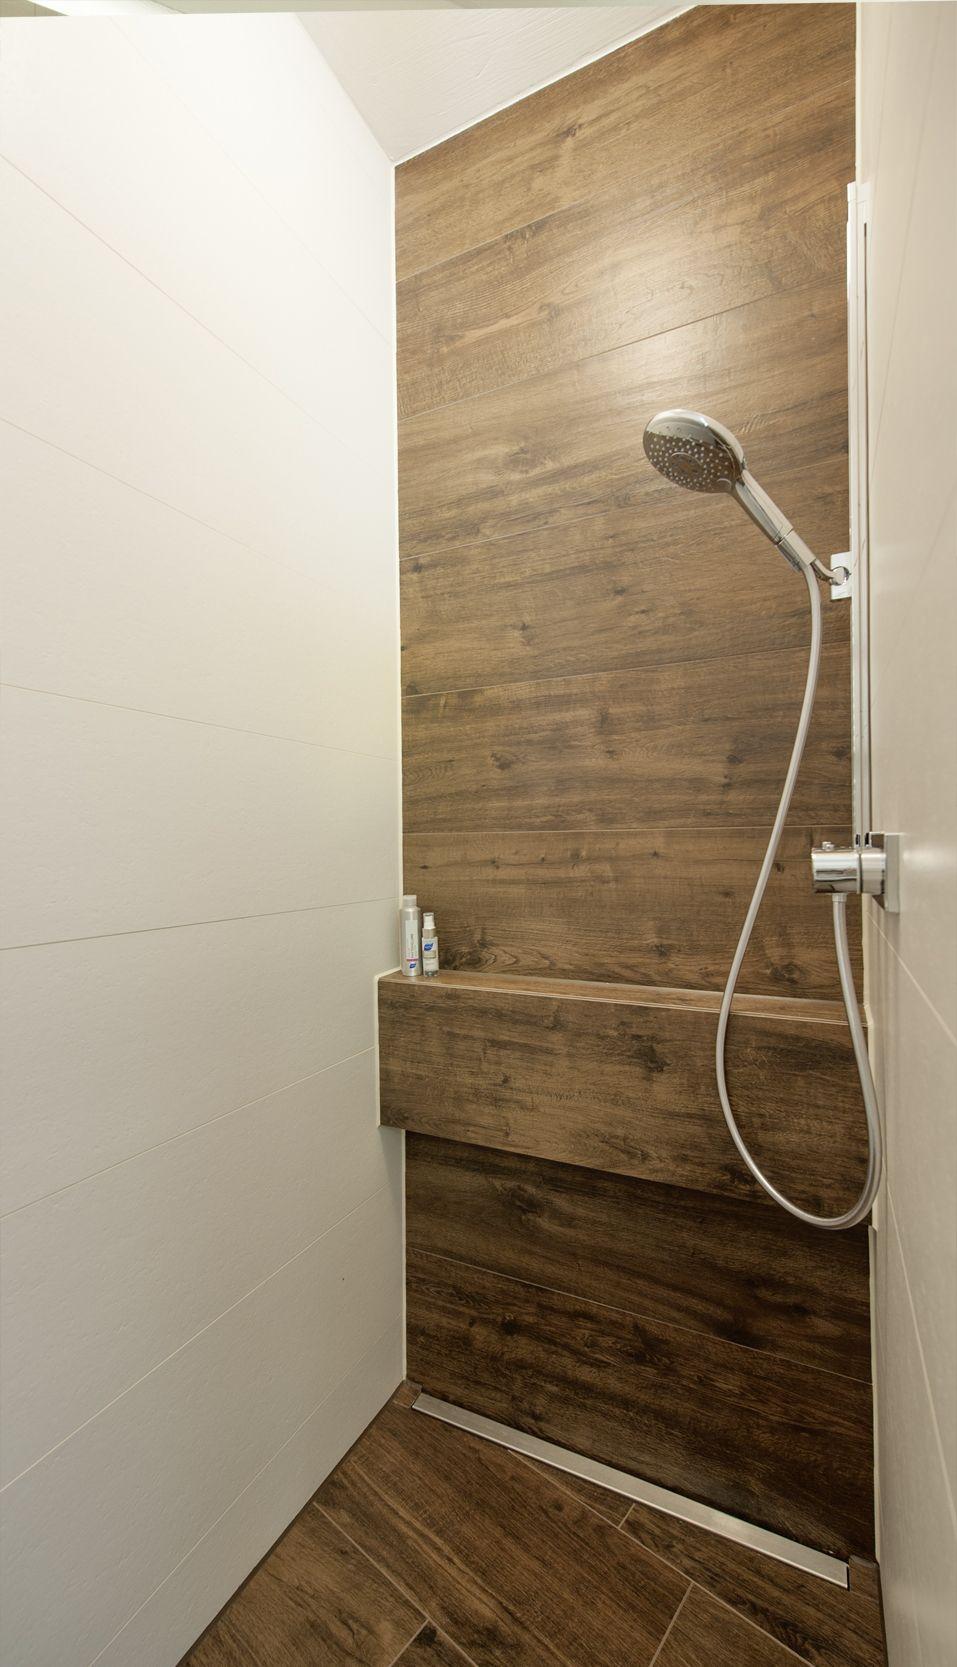 Frei Begehbare Dusche Mit Bodenebenem Einstieg Massgefertigte Wandhangende Badmobel Korpus Pf Begehbare Dusche Fliesen Holzoptik Bad Badezimmer Inspiration